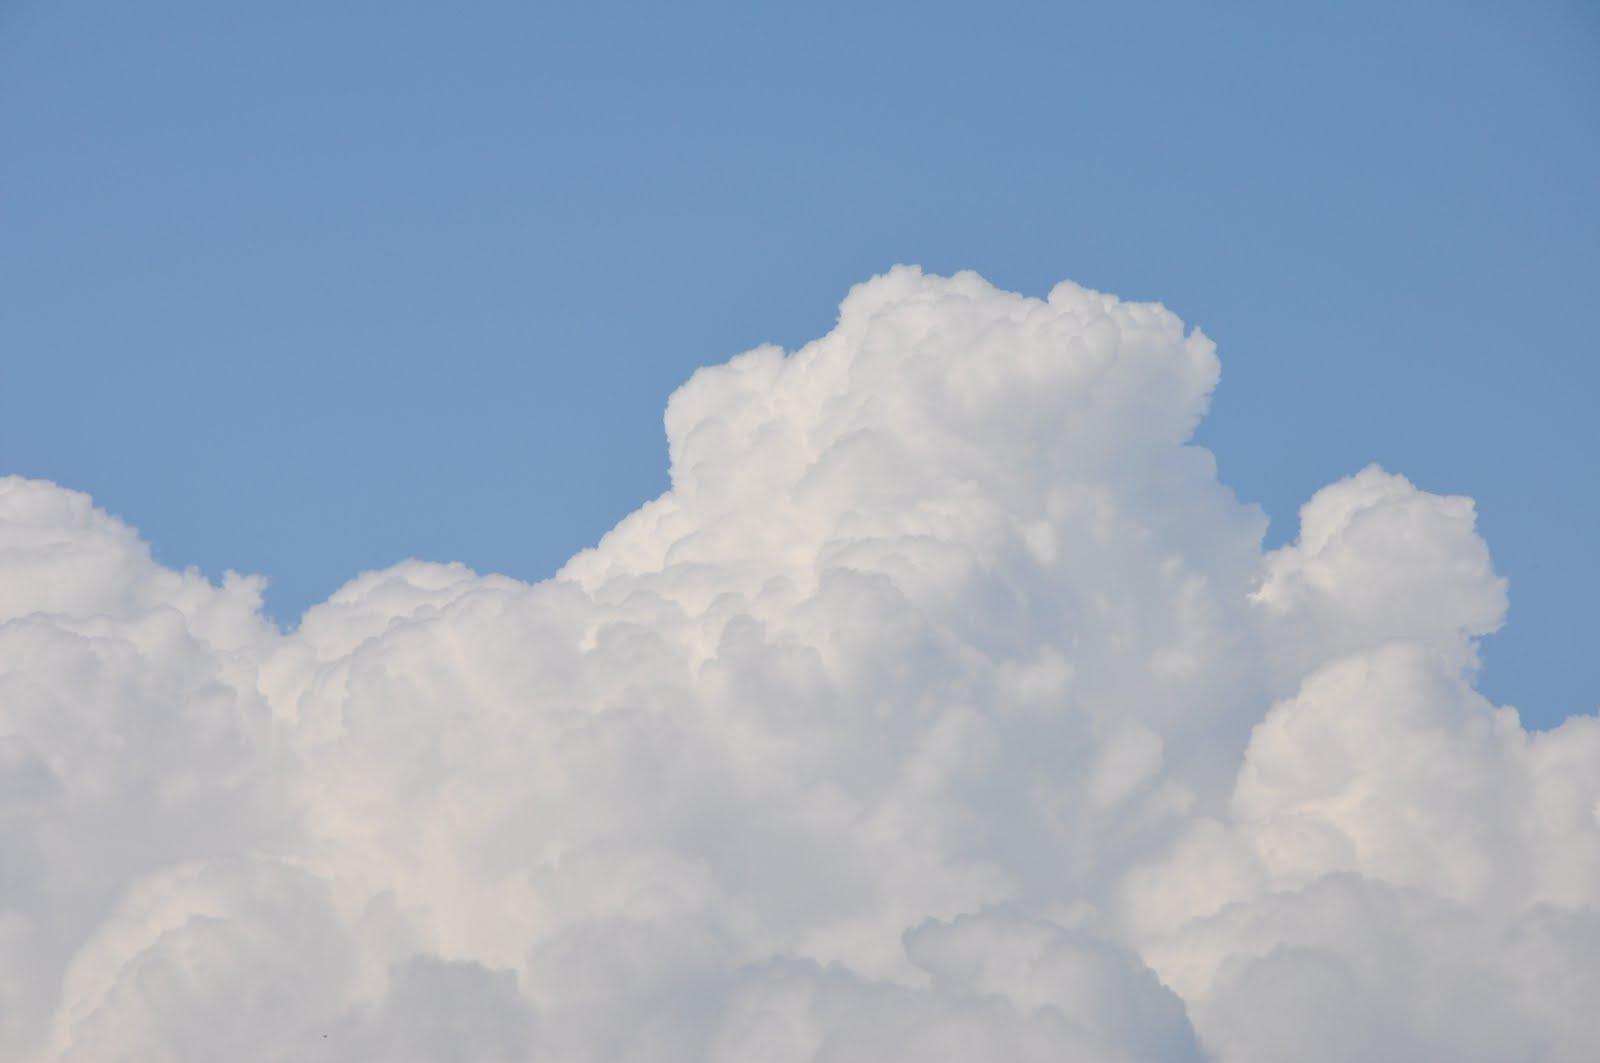 http://2.bp.blogspot.com/-77qE_qI21ck/Tde8zn4f3cI/AAAAAAAABZ0/zJL-k3m0ED8/s1600/Ciel+bleu+avec+nuages+3.JPG